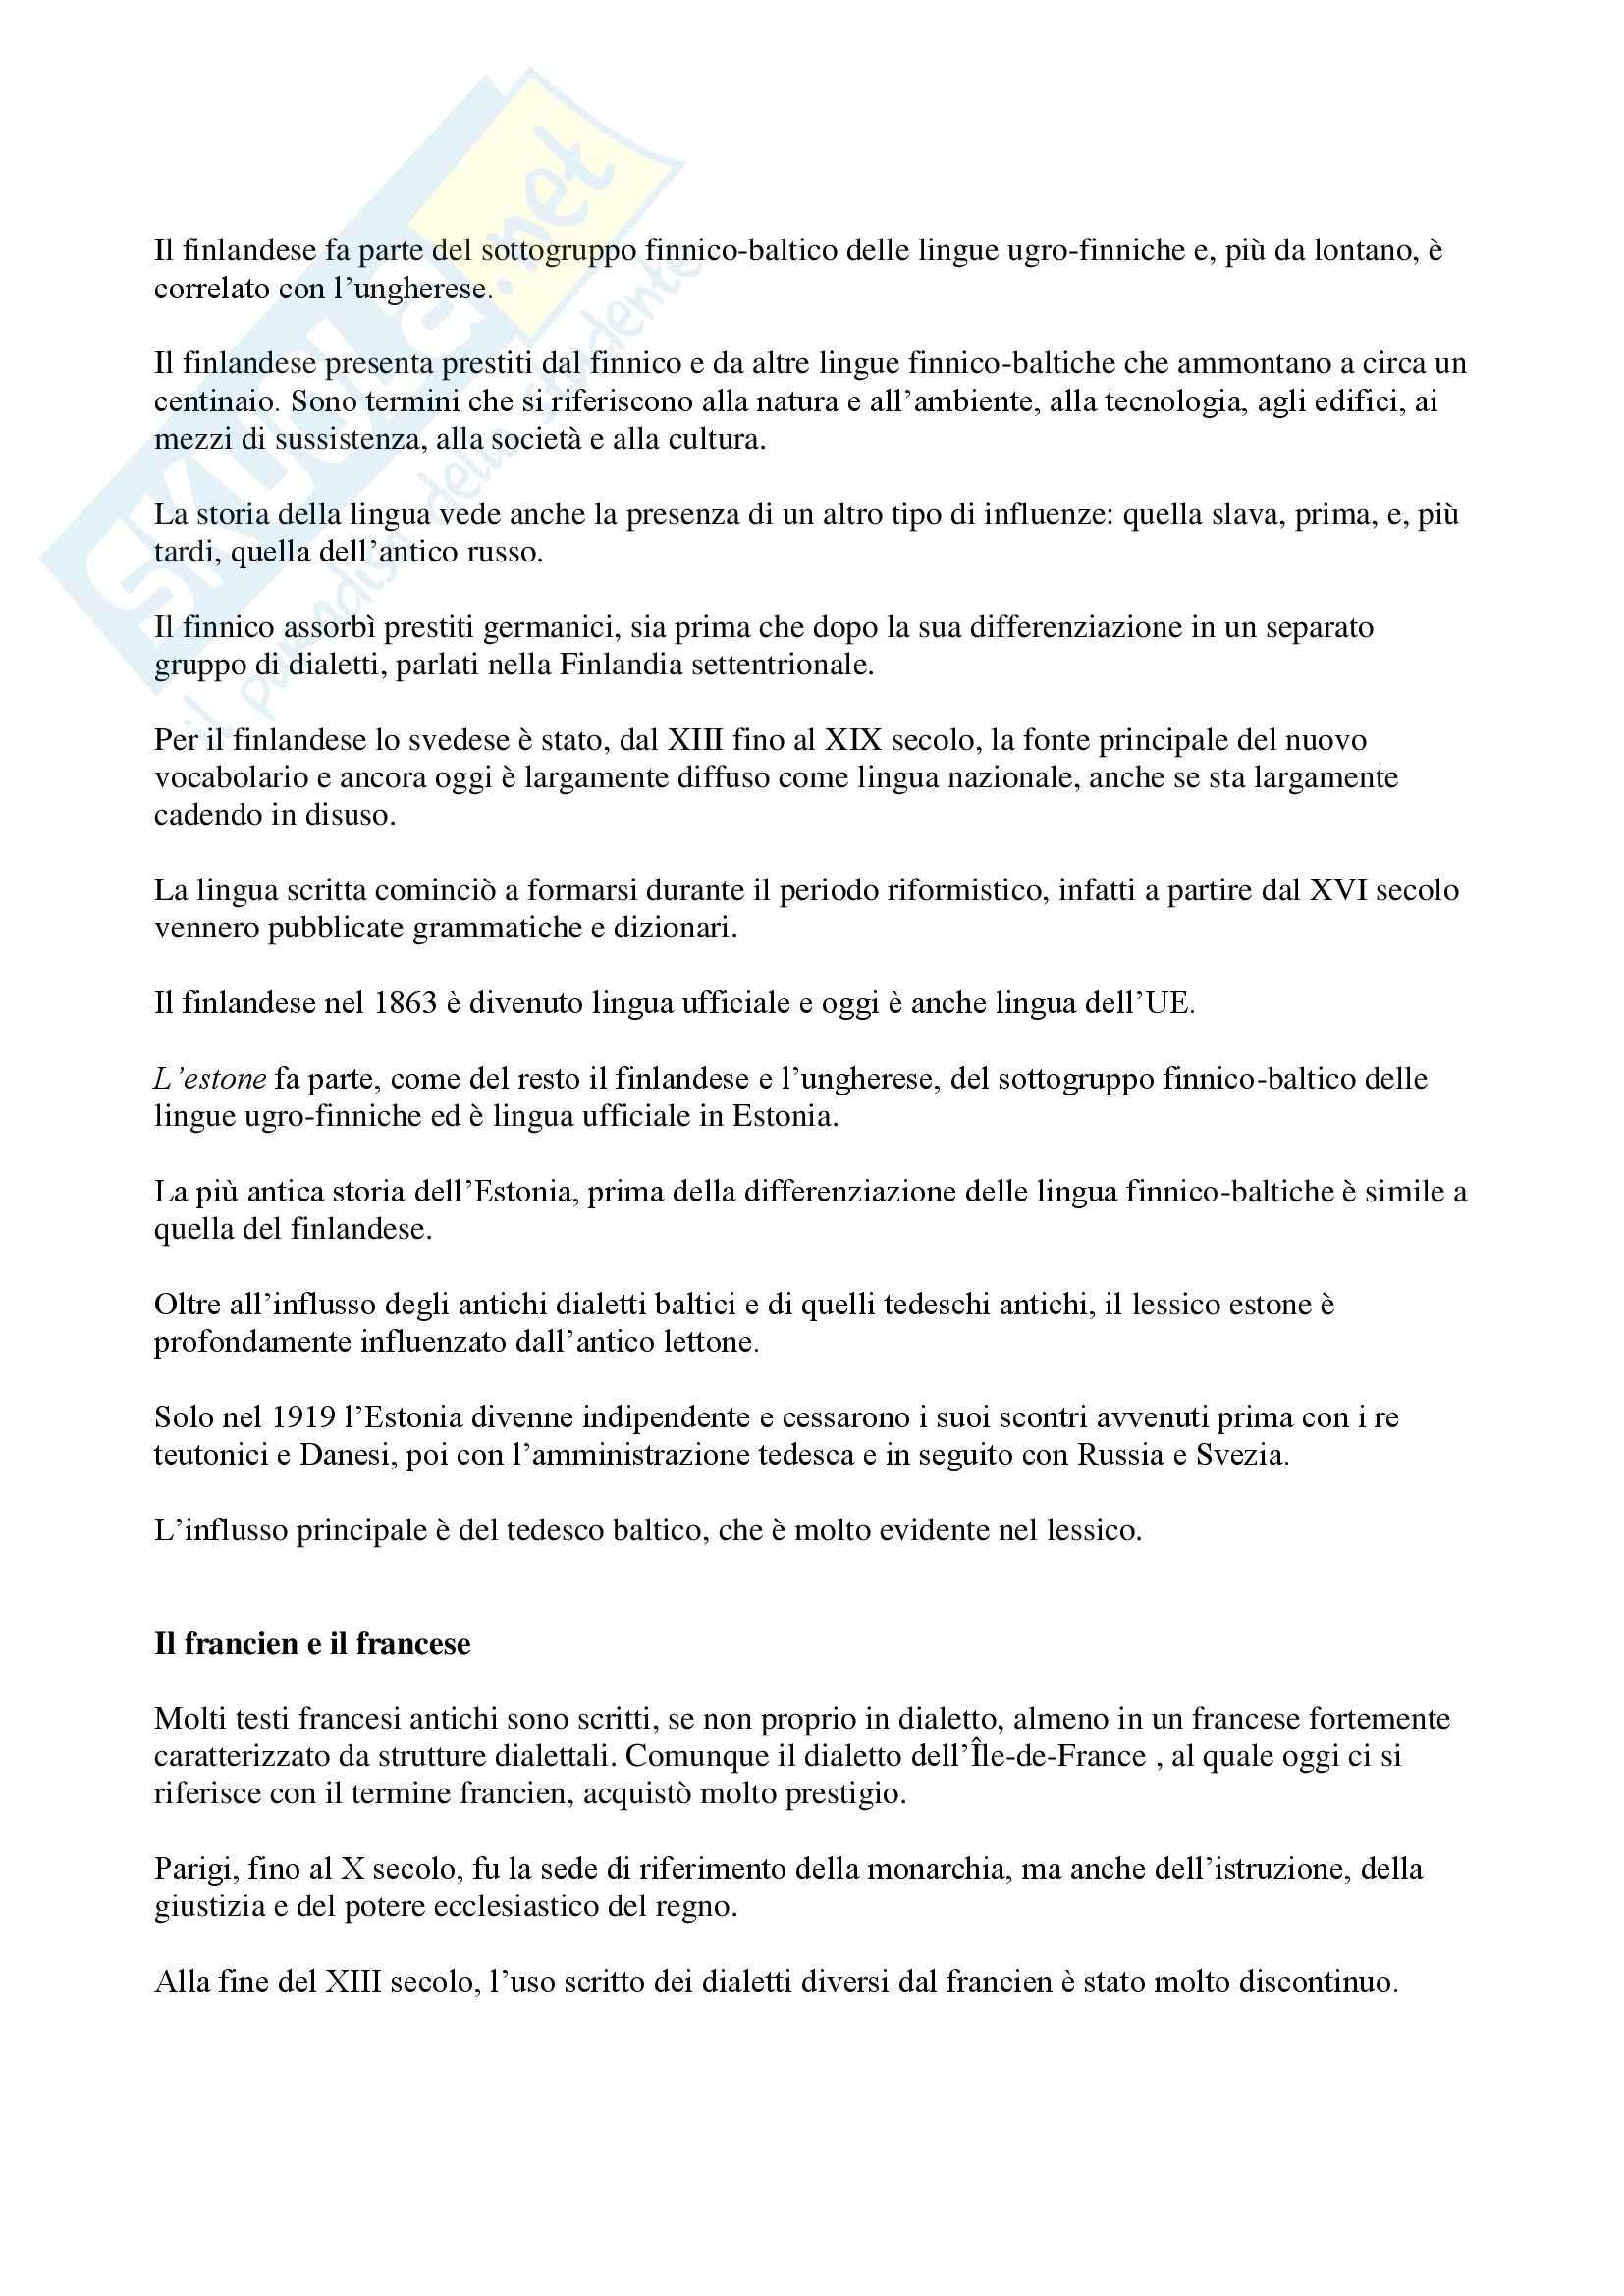 Geografia delle lingue e toponomastica - Appunti Pag. 2